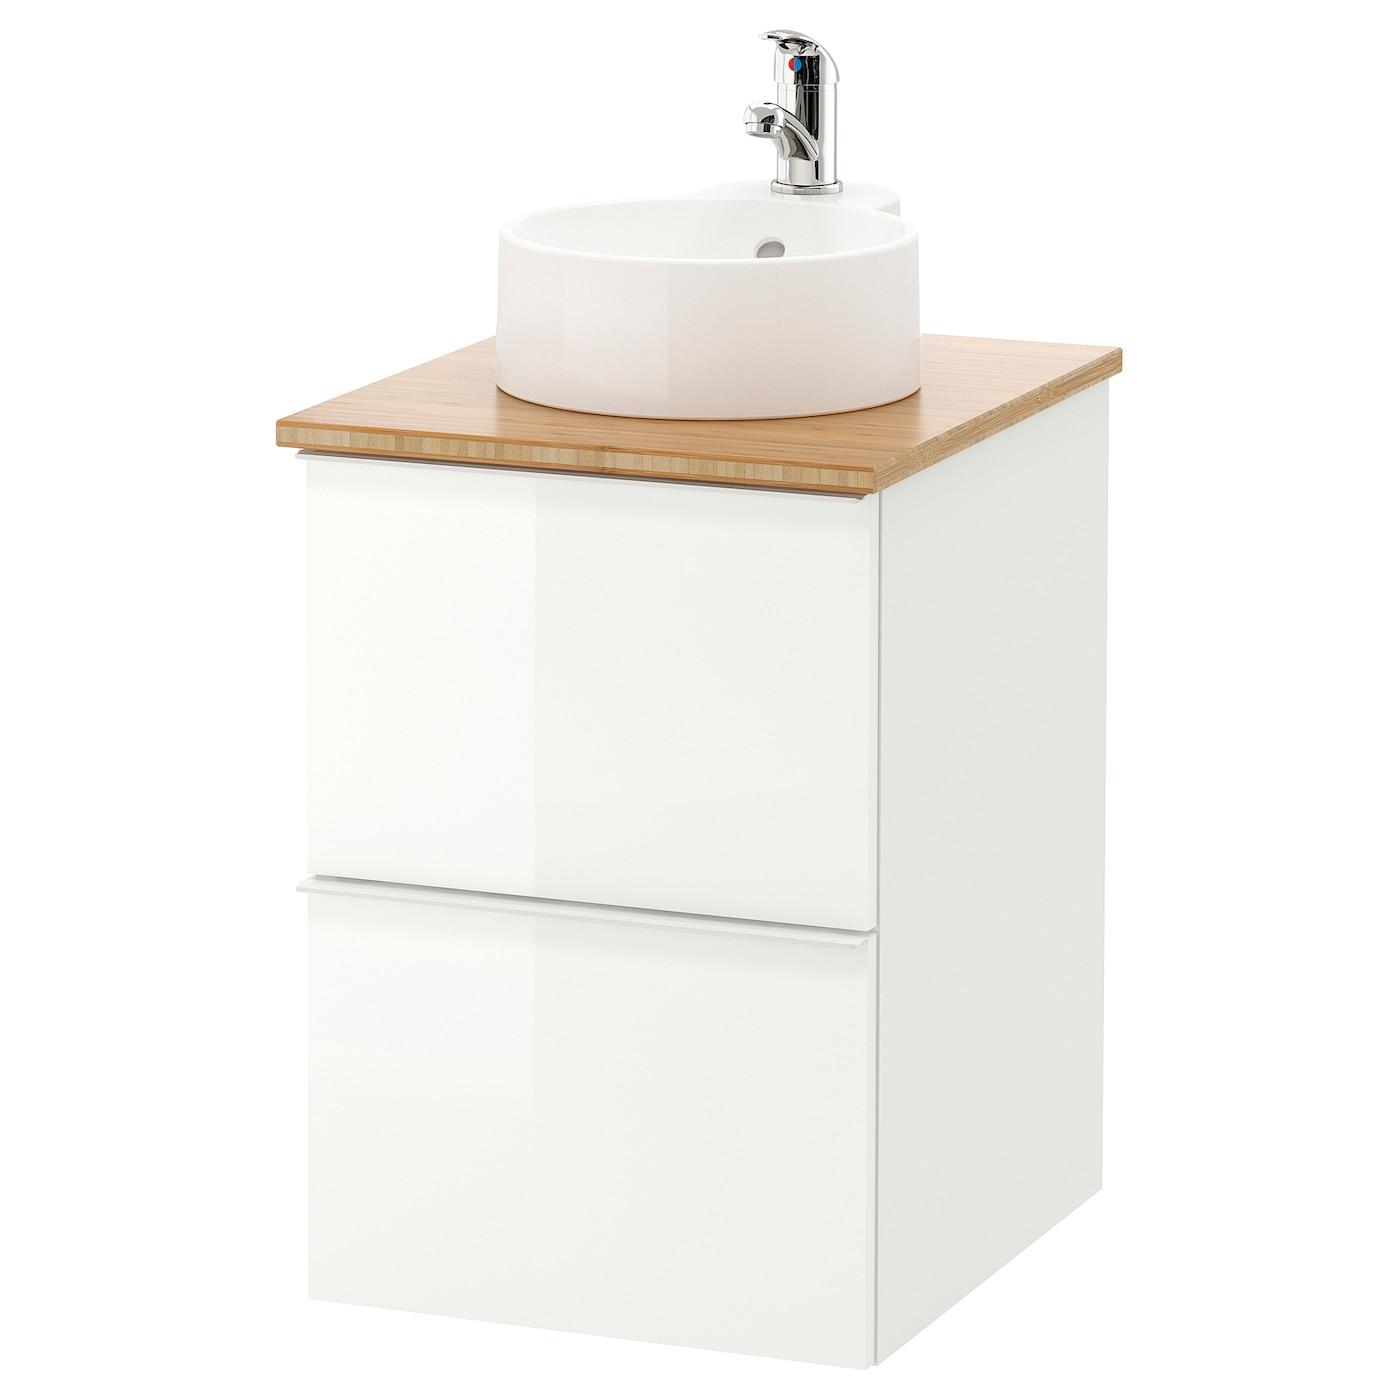 Bathroom Sink Cabinets | IKEA Ireland